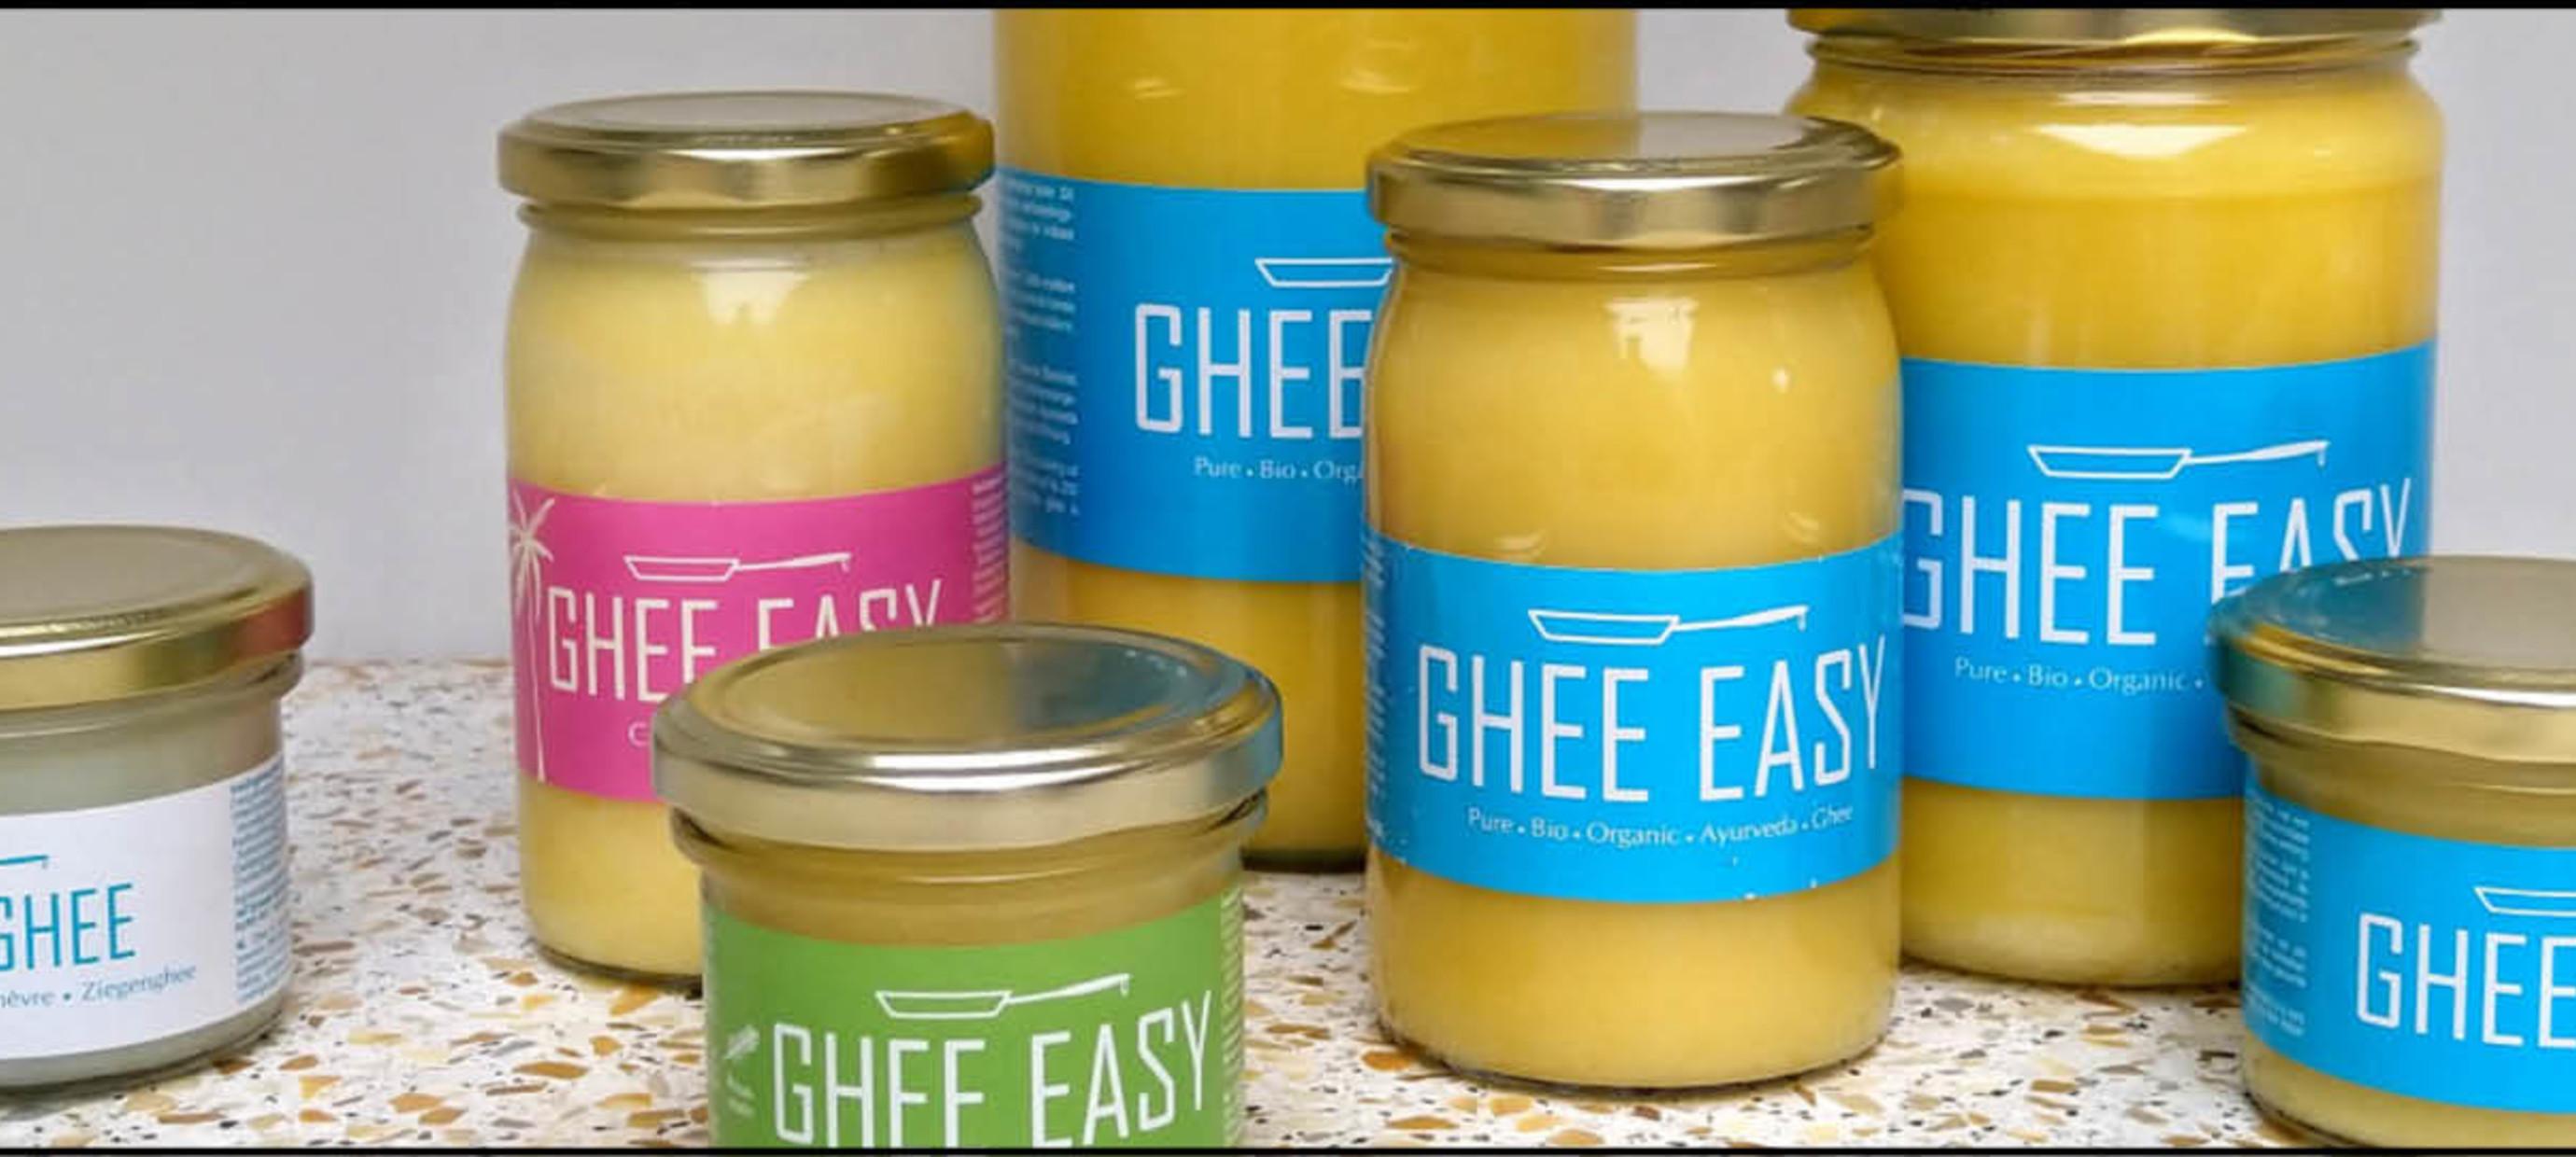 Ghee, de lactosevrije boter